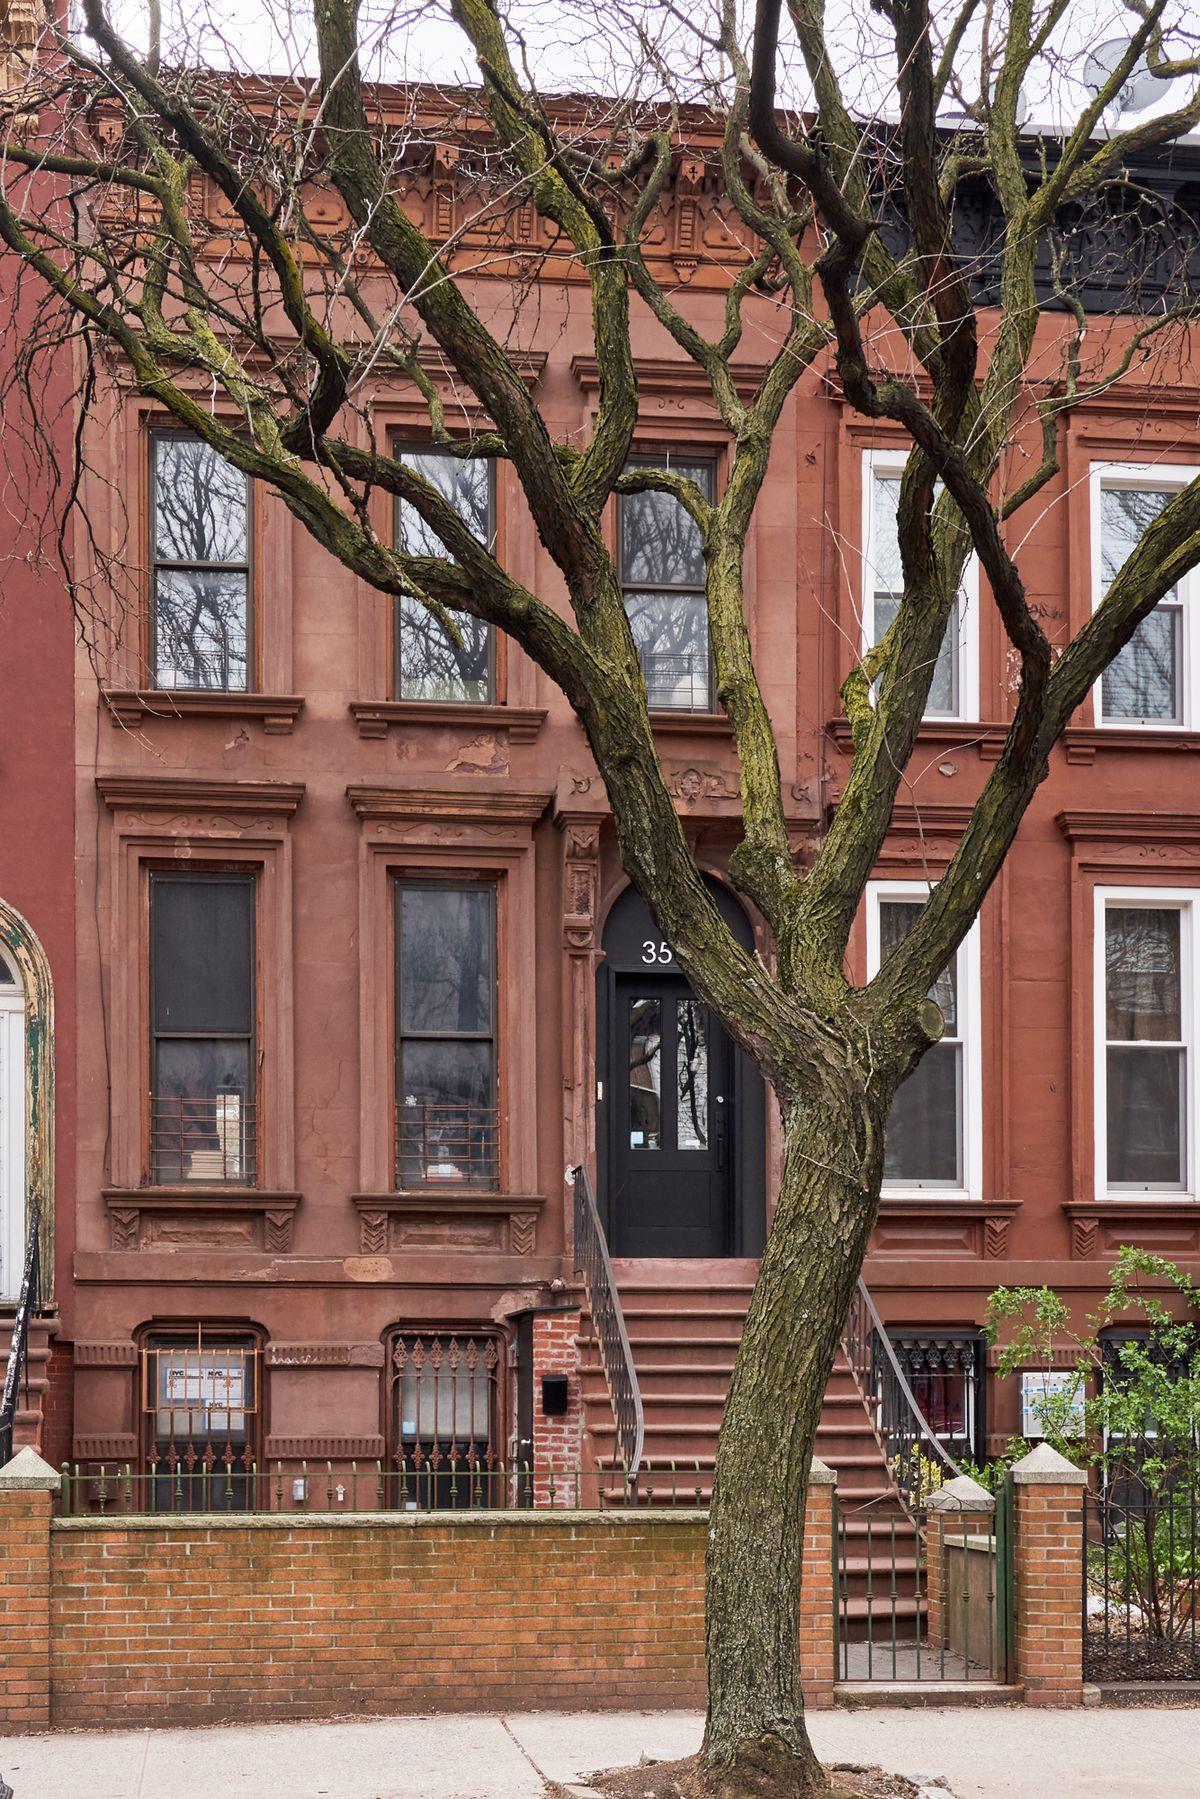 A brownstone facade.